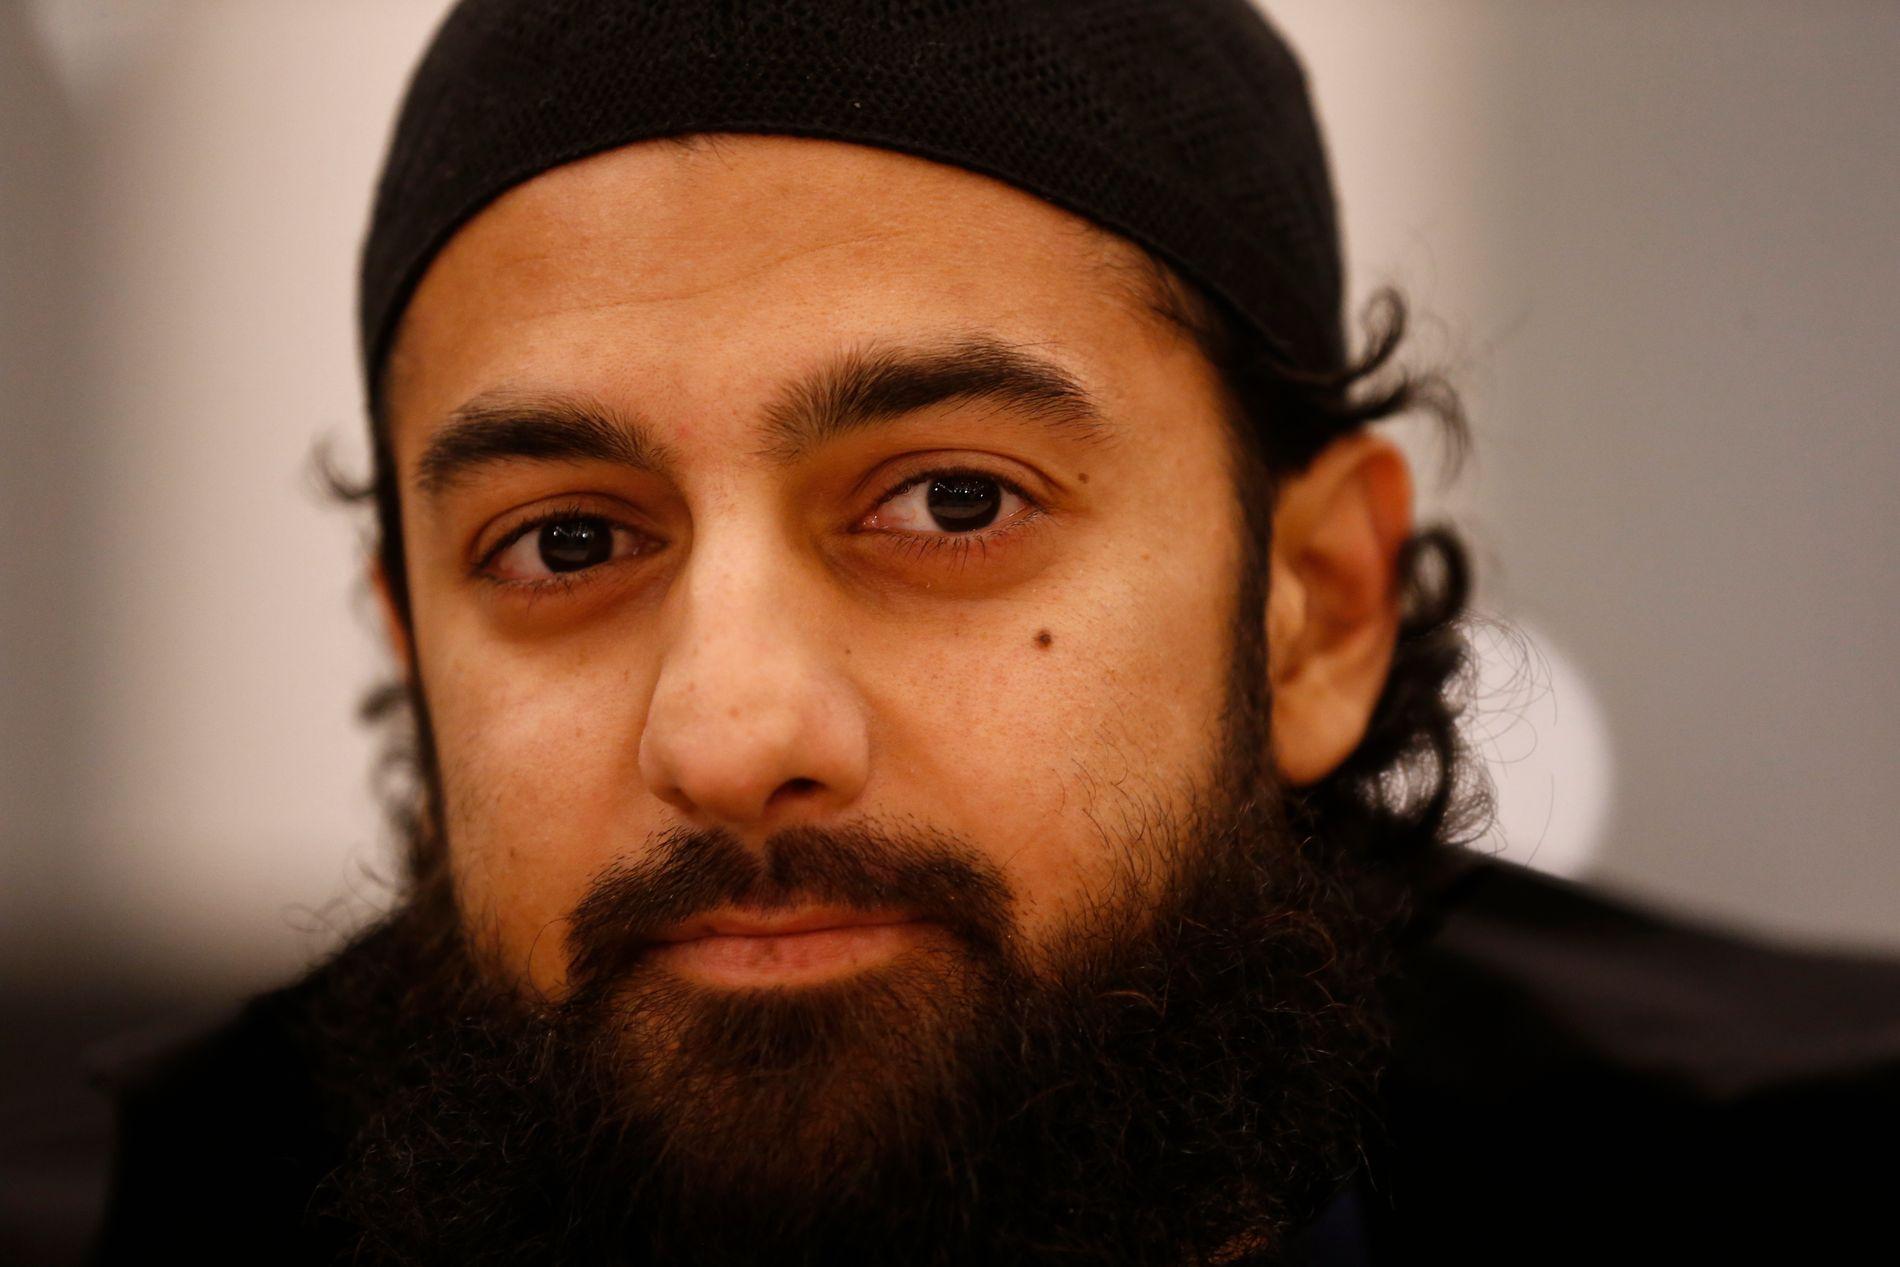 NEKTET: Da ankesaken mot islamisten Ubaydullah Hussain (32) ble avholdt i Borgarting lagmannsrett i fjor, bestred han alle terroranklager som ble rettet mot ham. 32-åringen var også tydelig på at han hadde brutt med det ekstremistiske miljøet på Østlandet.